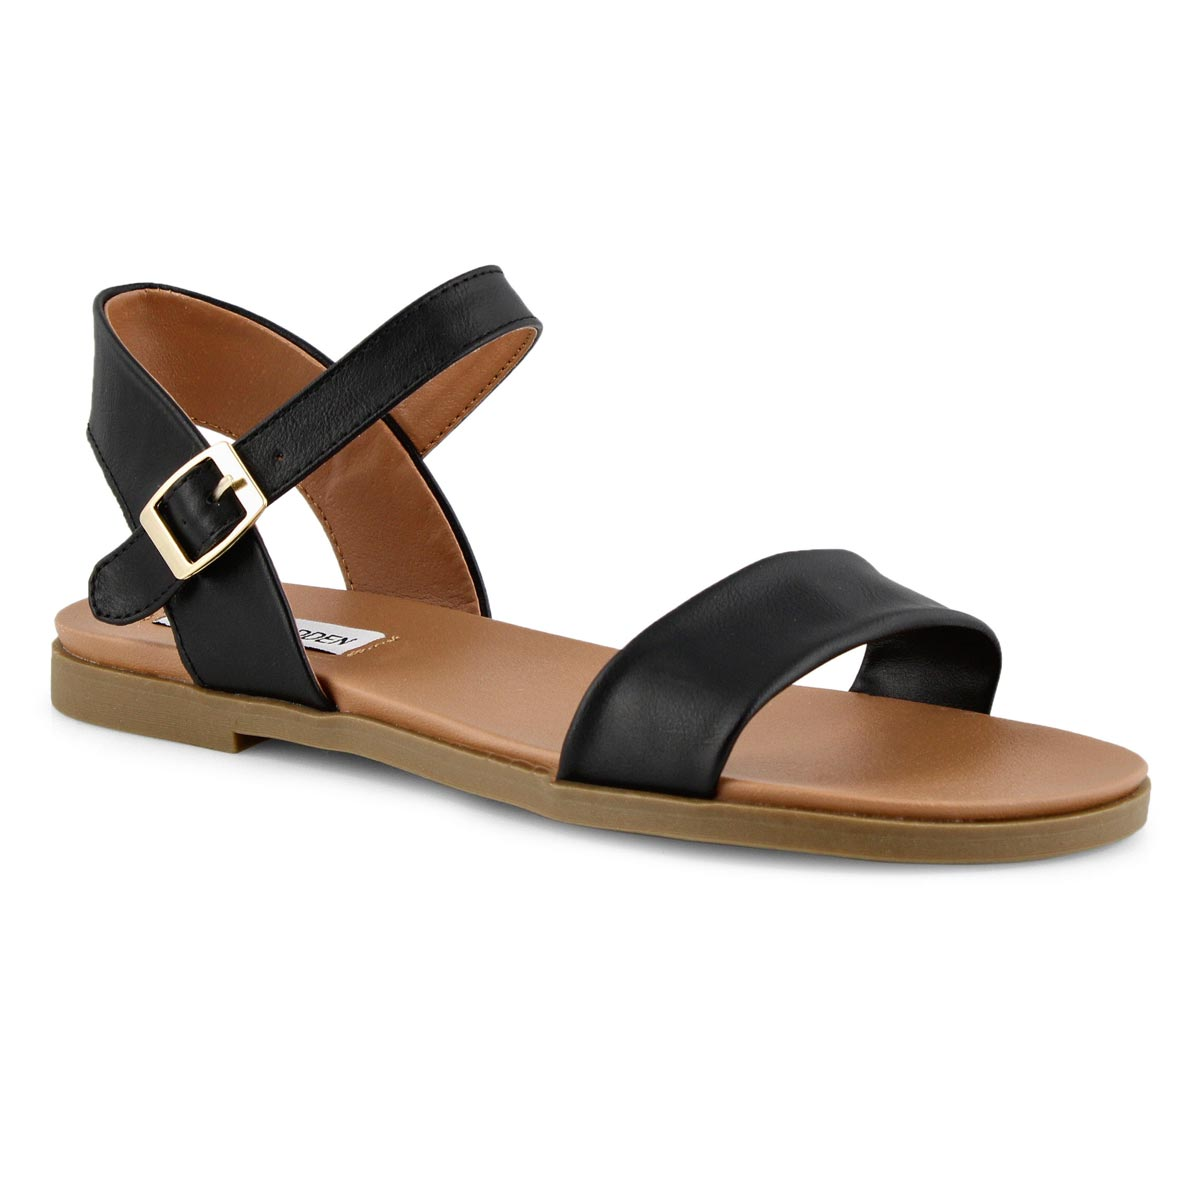 Lds Daelyn black dress sandal